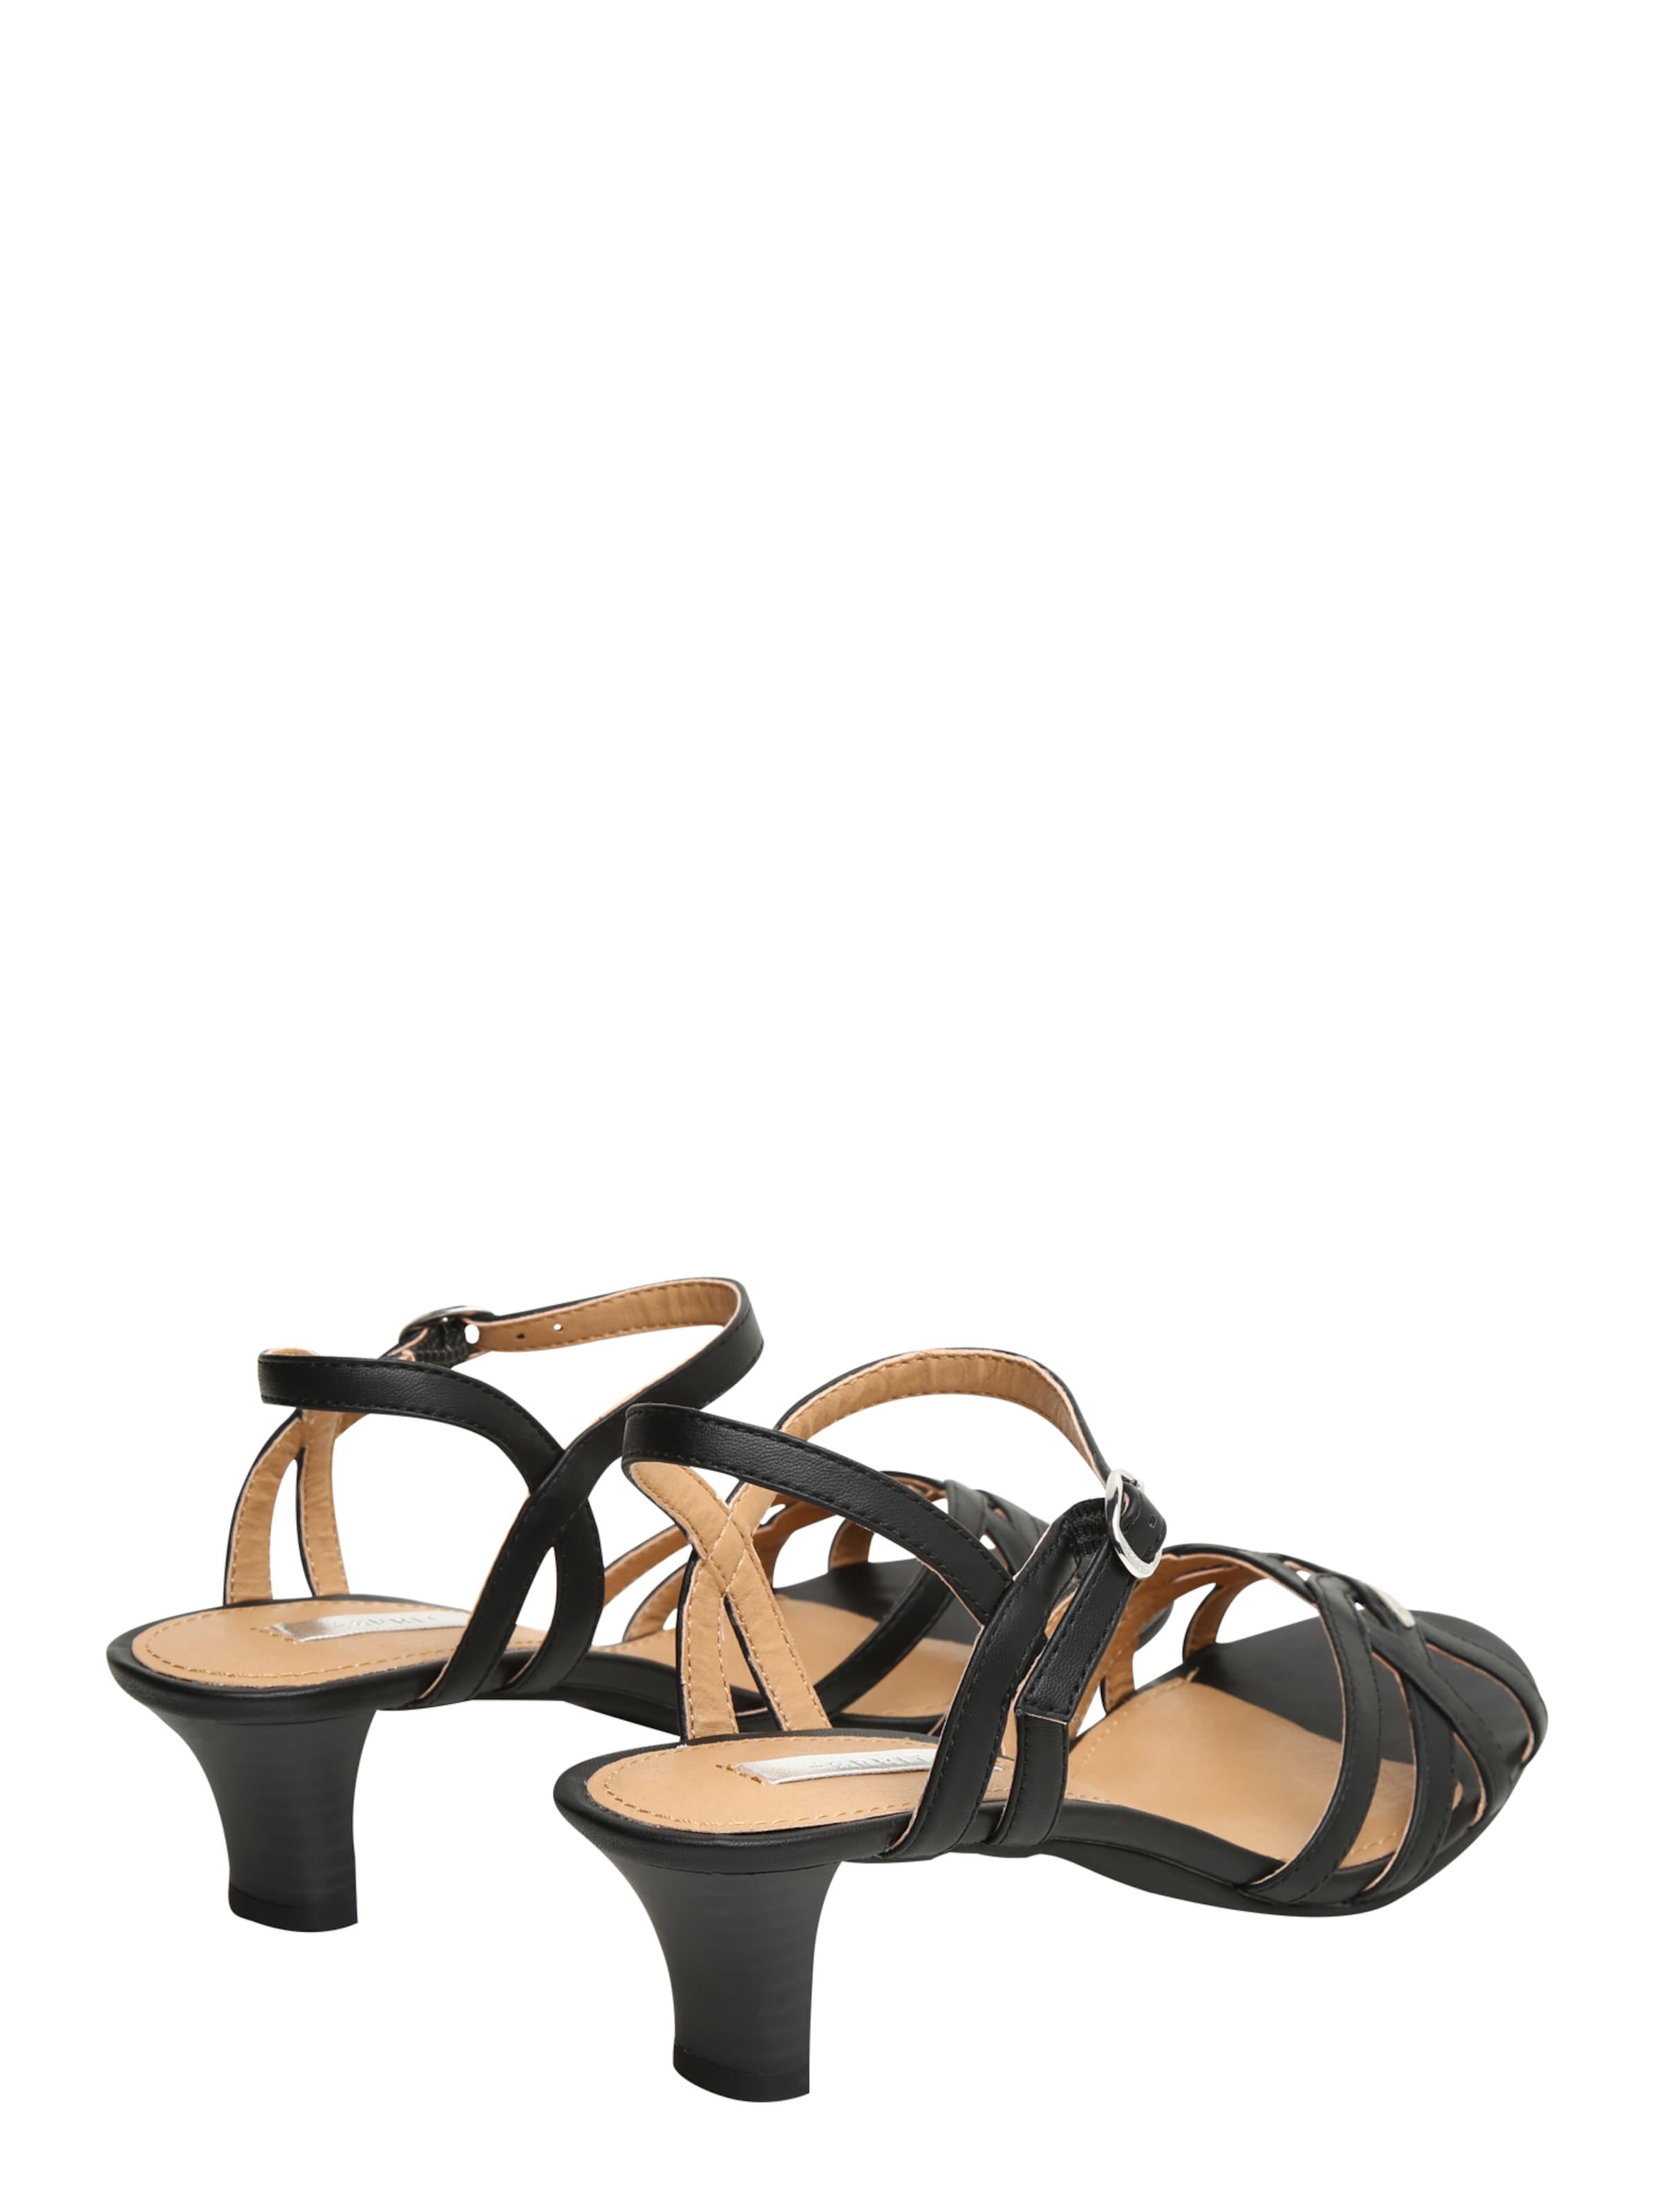 Rabatt Exklusiv Billig Verkauf Echten ESPRIT Sandalette 'Birkin' Großer Rabatt Zum Verkauf Wiki Online Auslasszwischenraum n7DRoh9dS